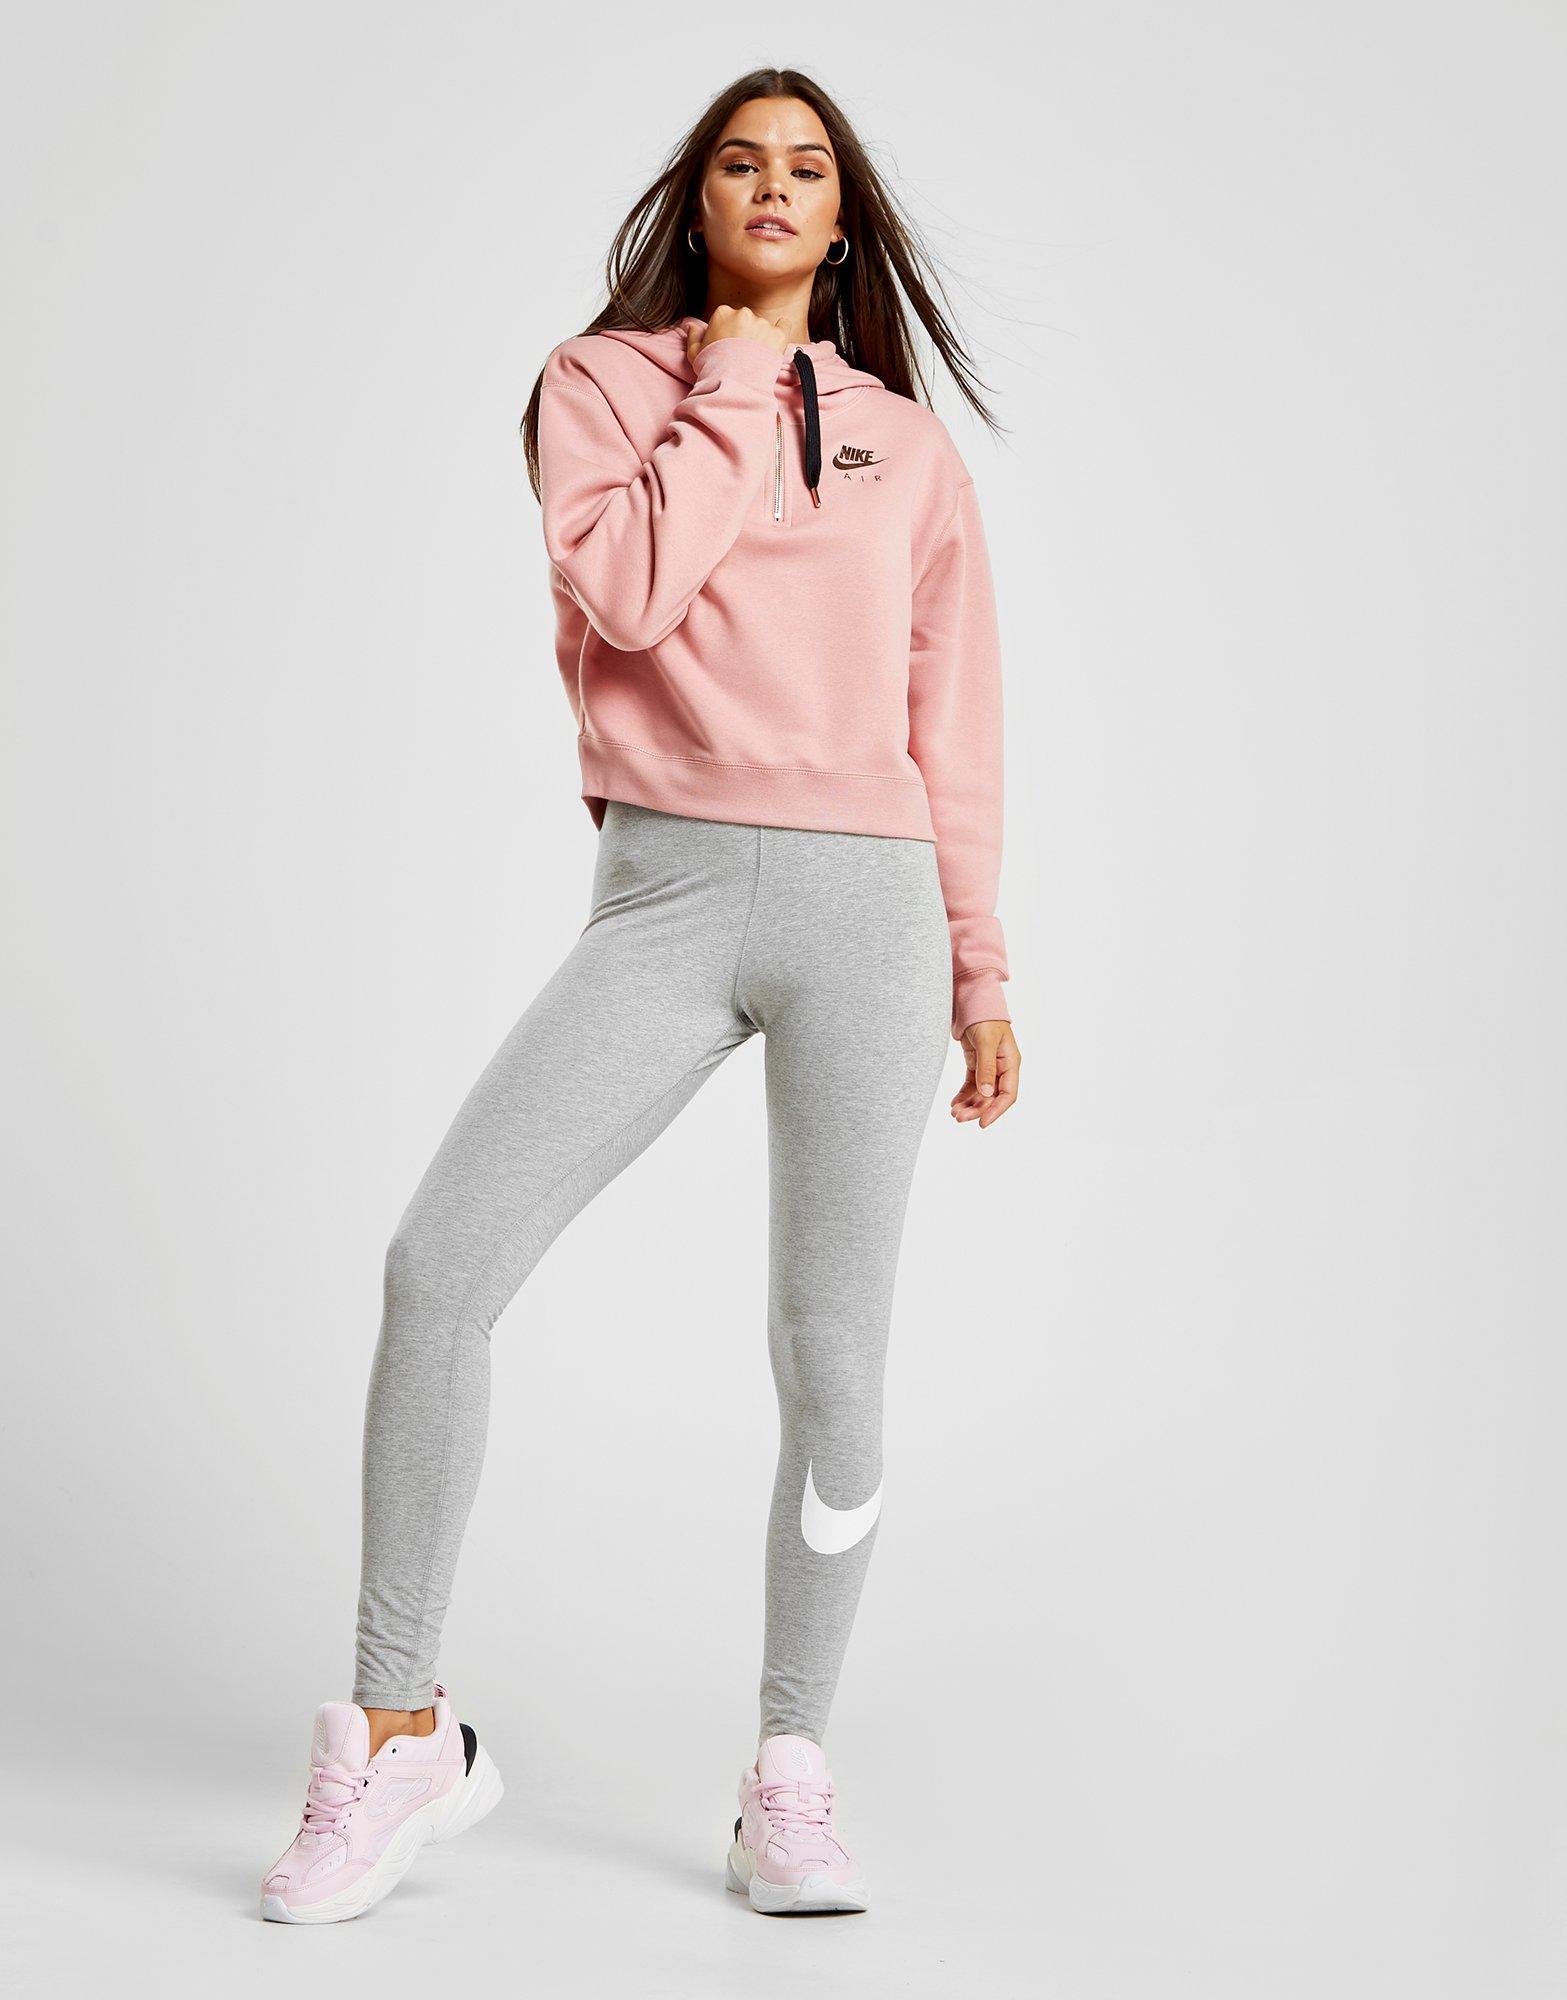 Nike Cotton Air Half-zip Hoodie in Pink